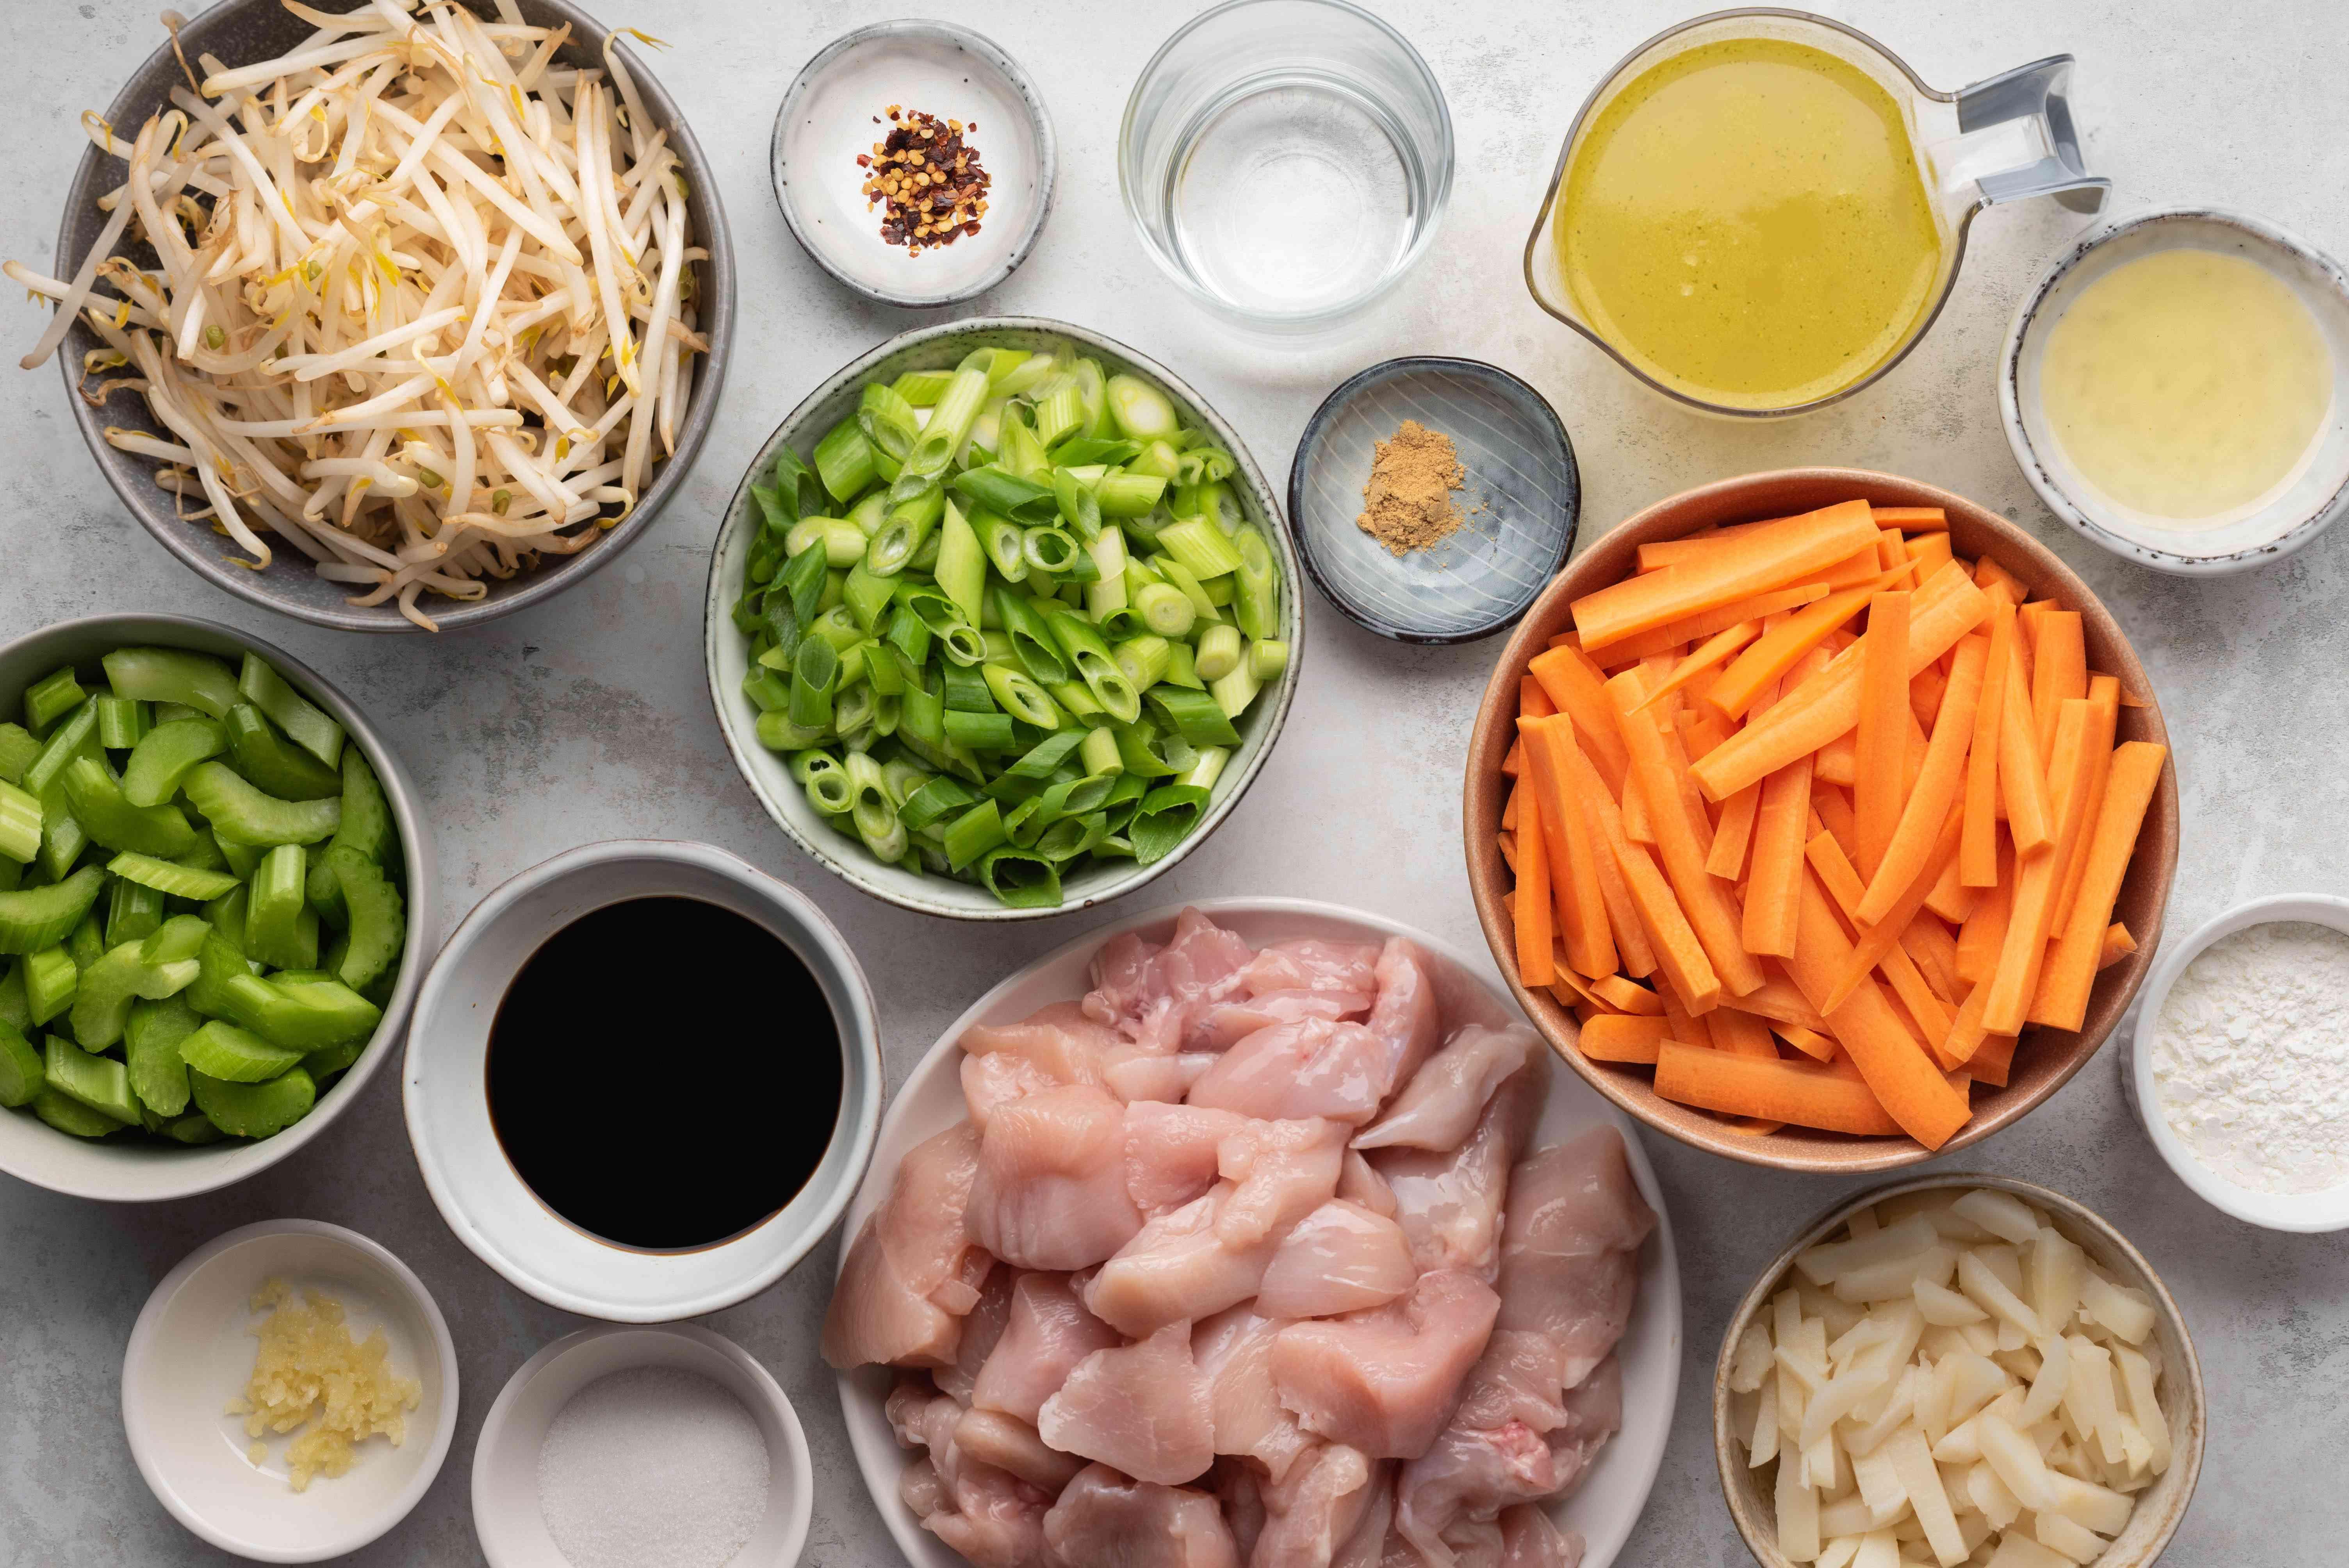 Crockpot Chicken Chow Mein ingredients